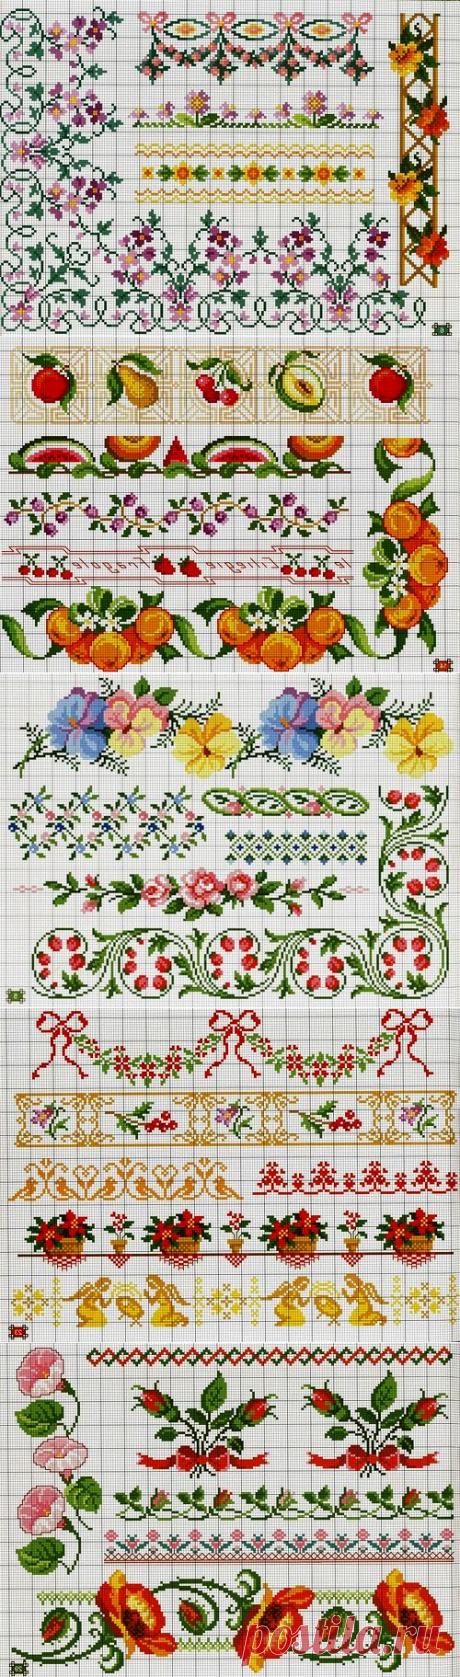 Орнаменты и бордюры, схемы для вышивки крестом. Ornaments & Borders, schemes for cross stitch ~